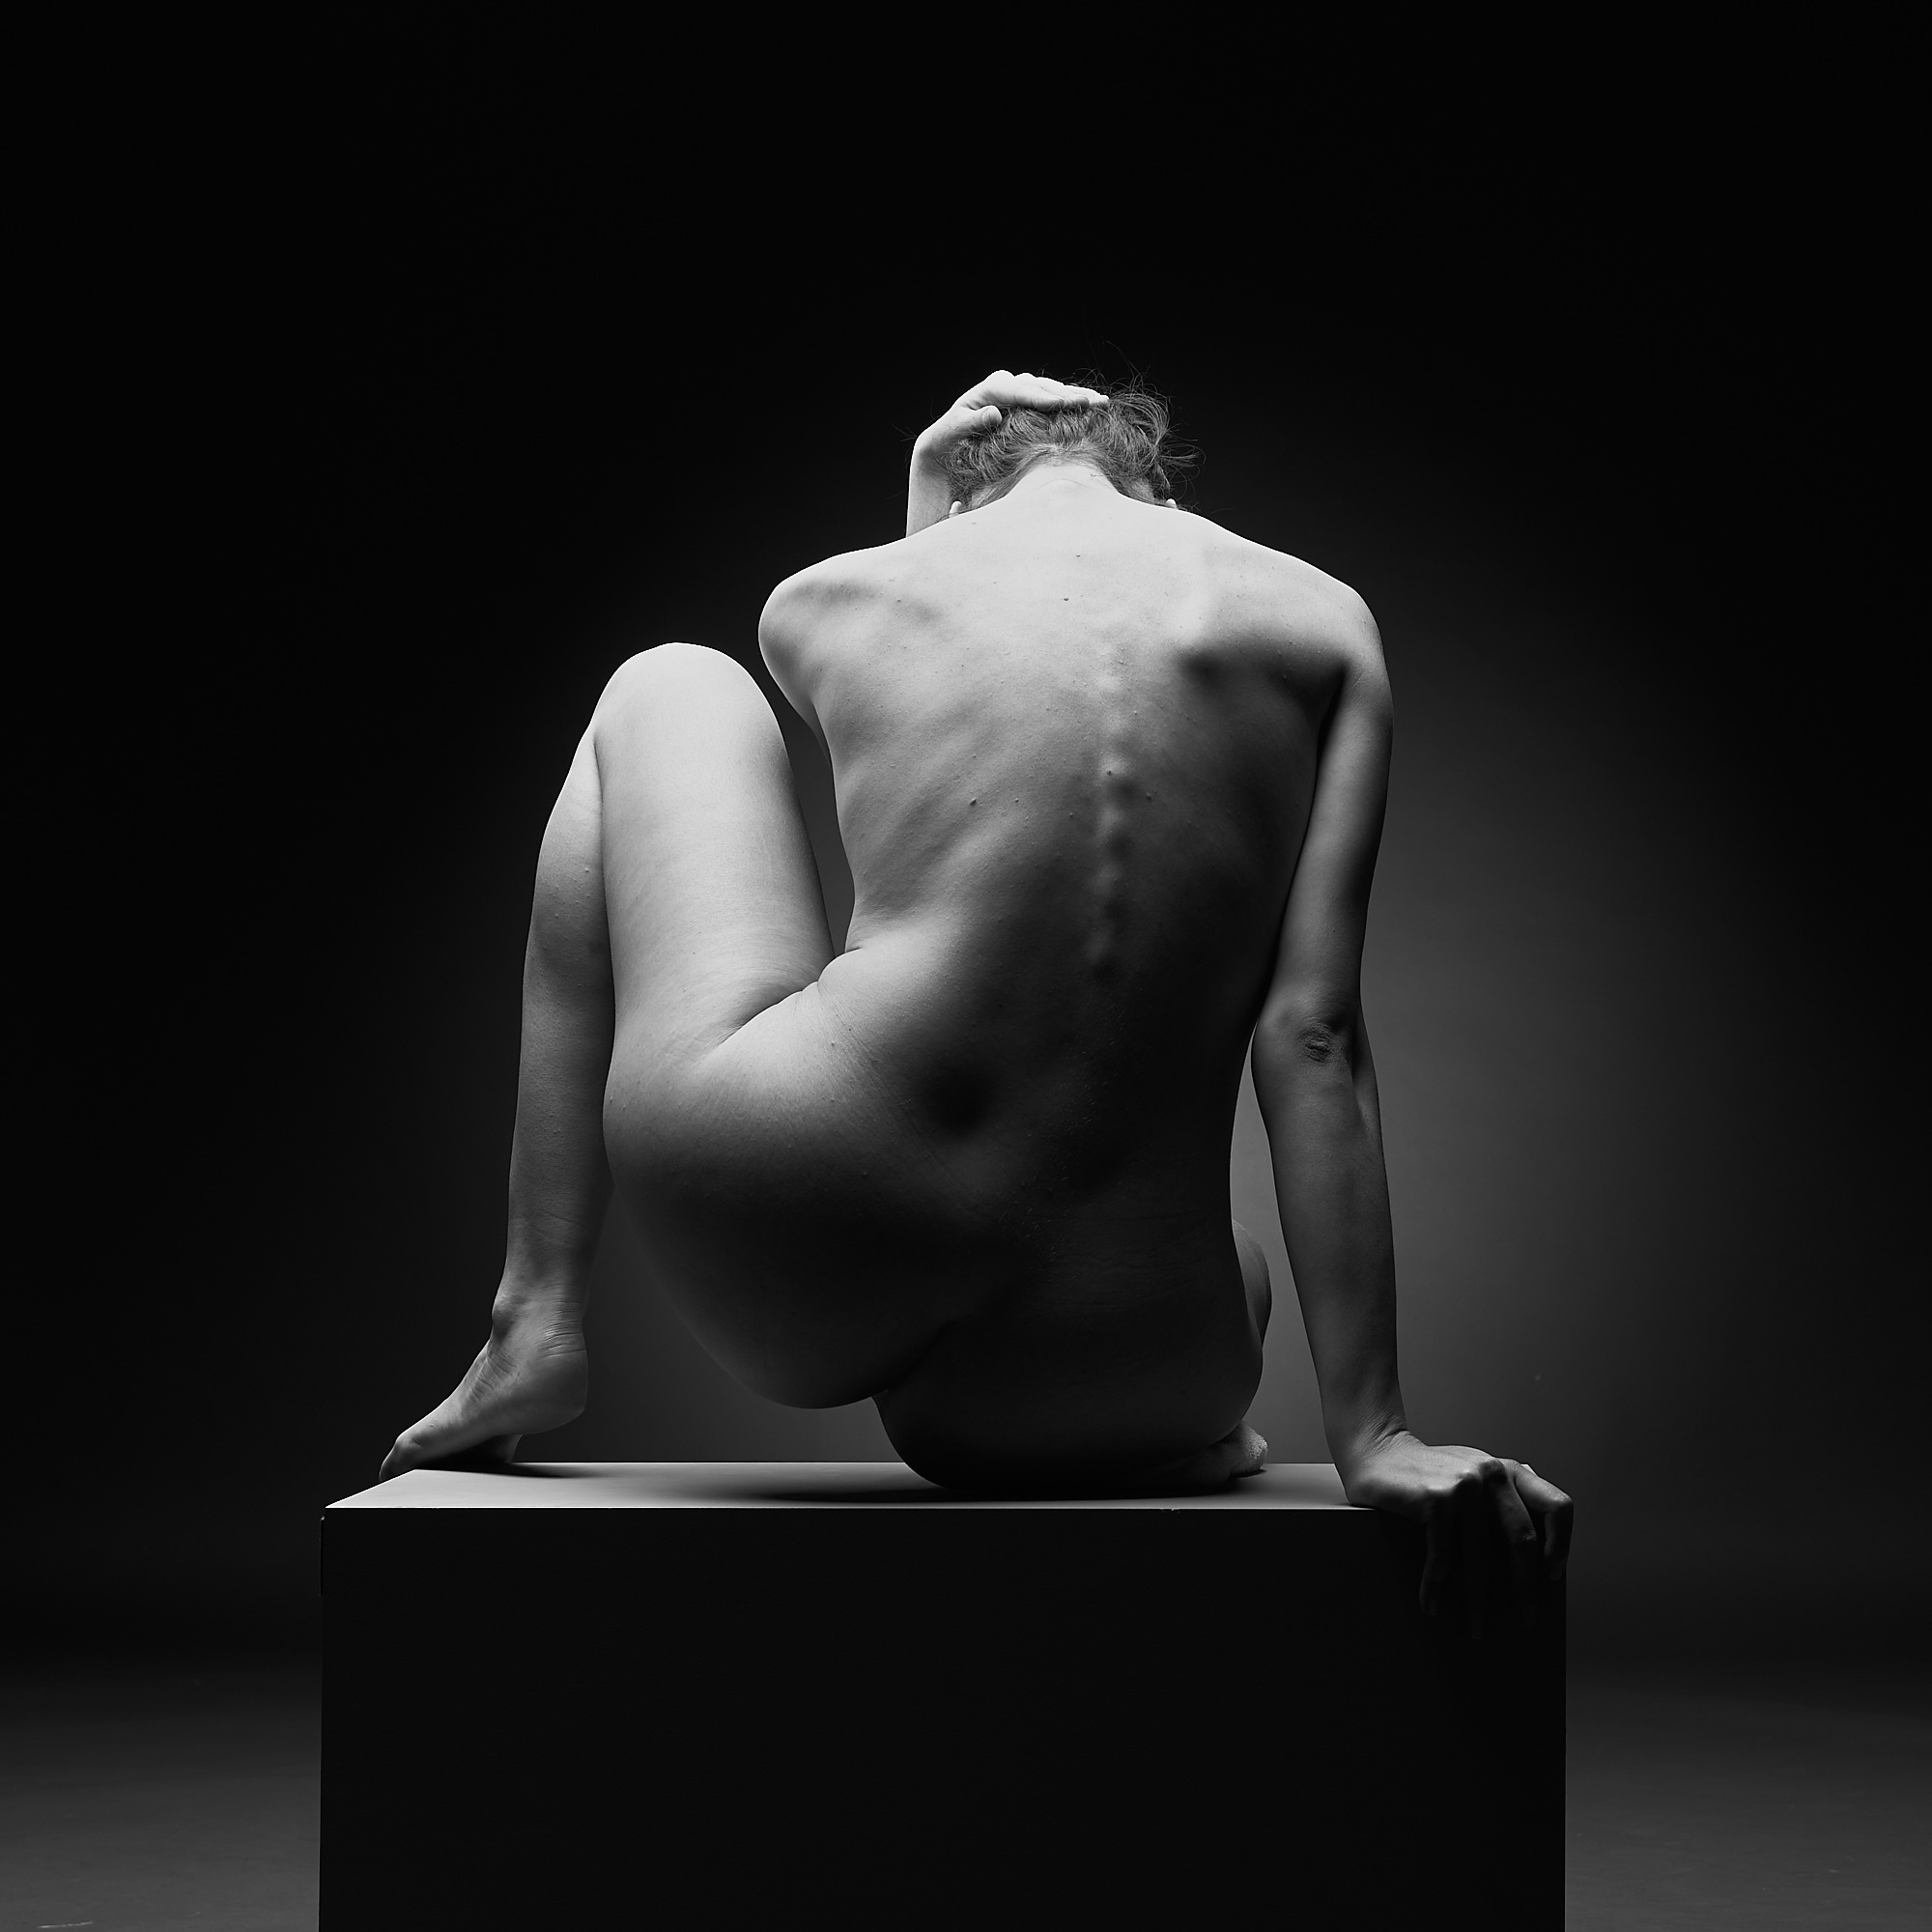 Une femme nue